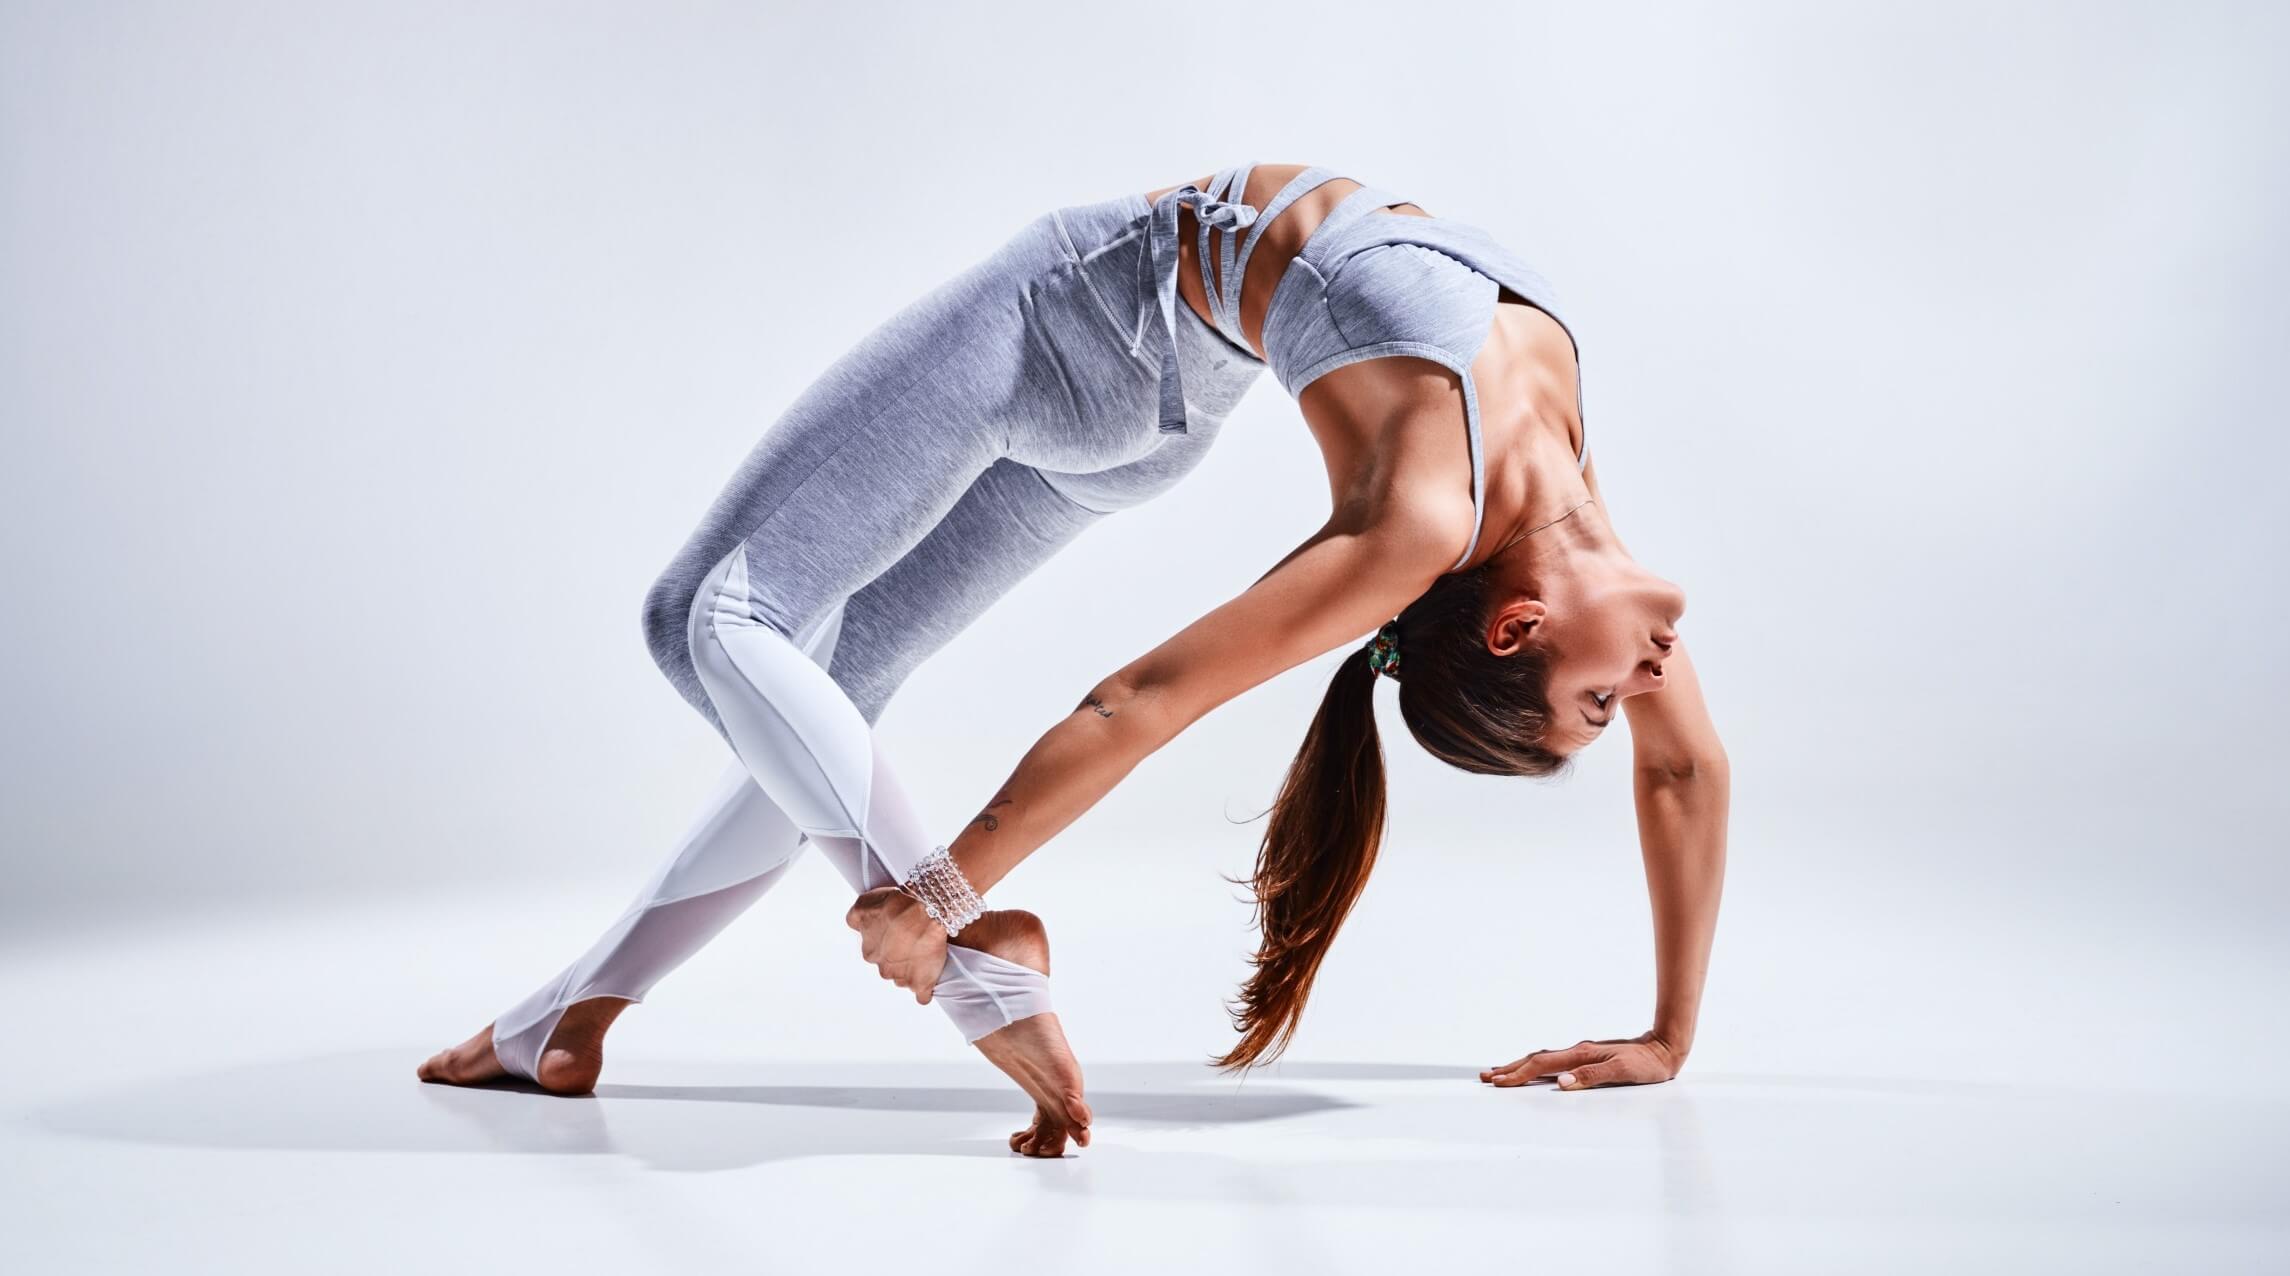 Йога видео для понимания